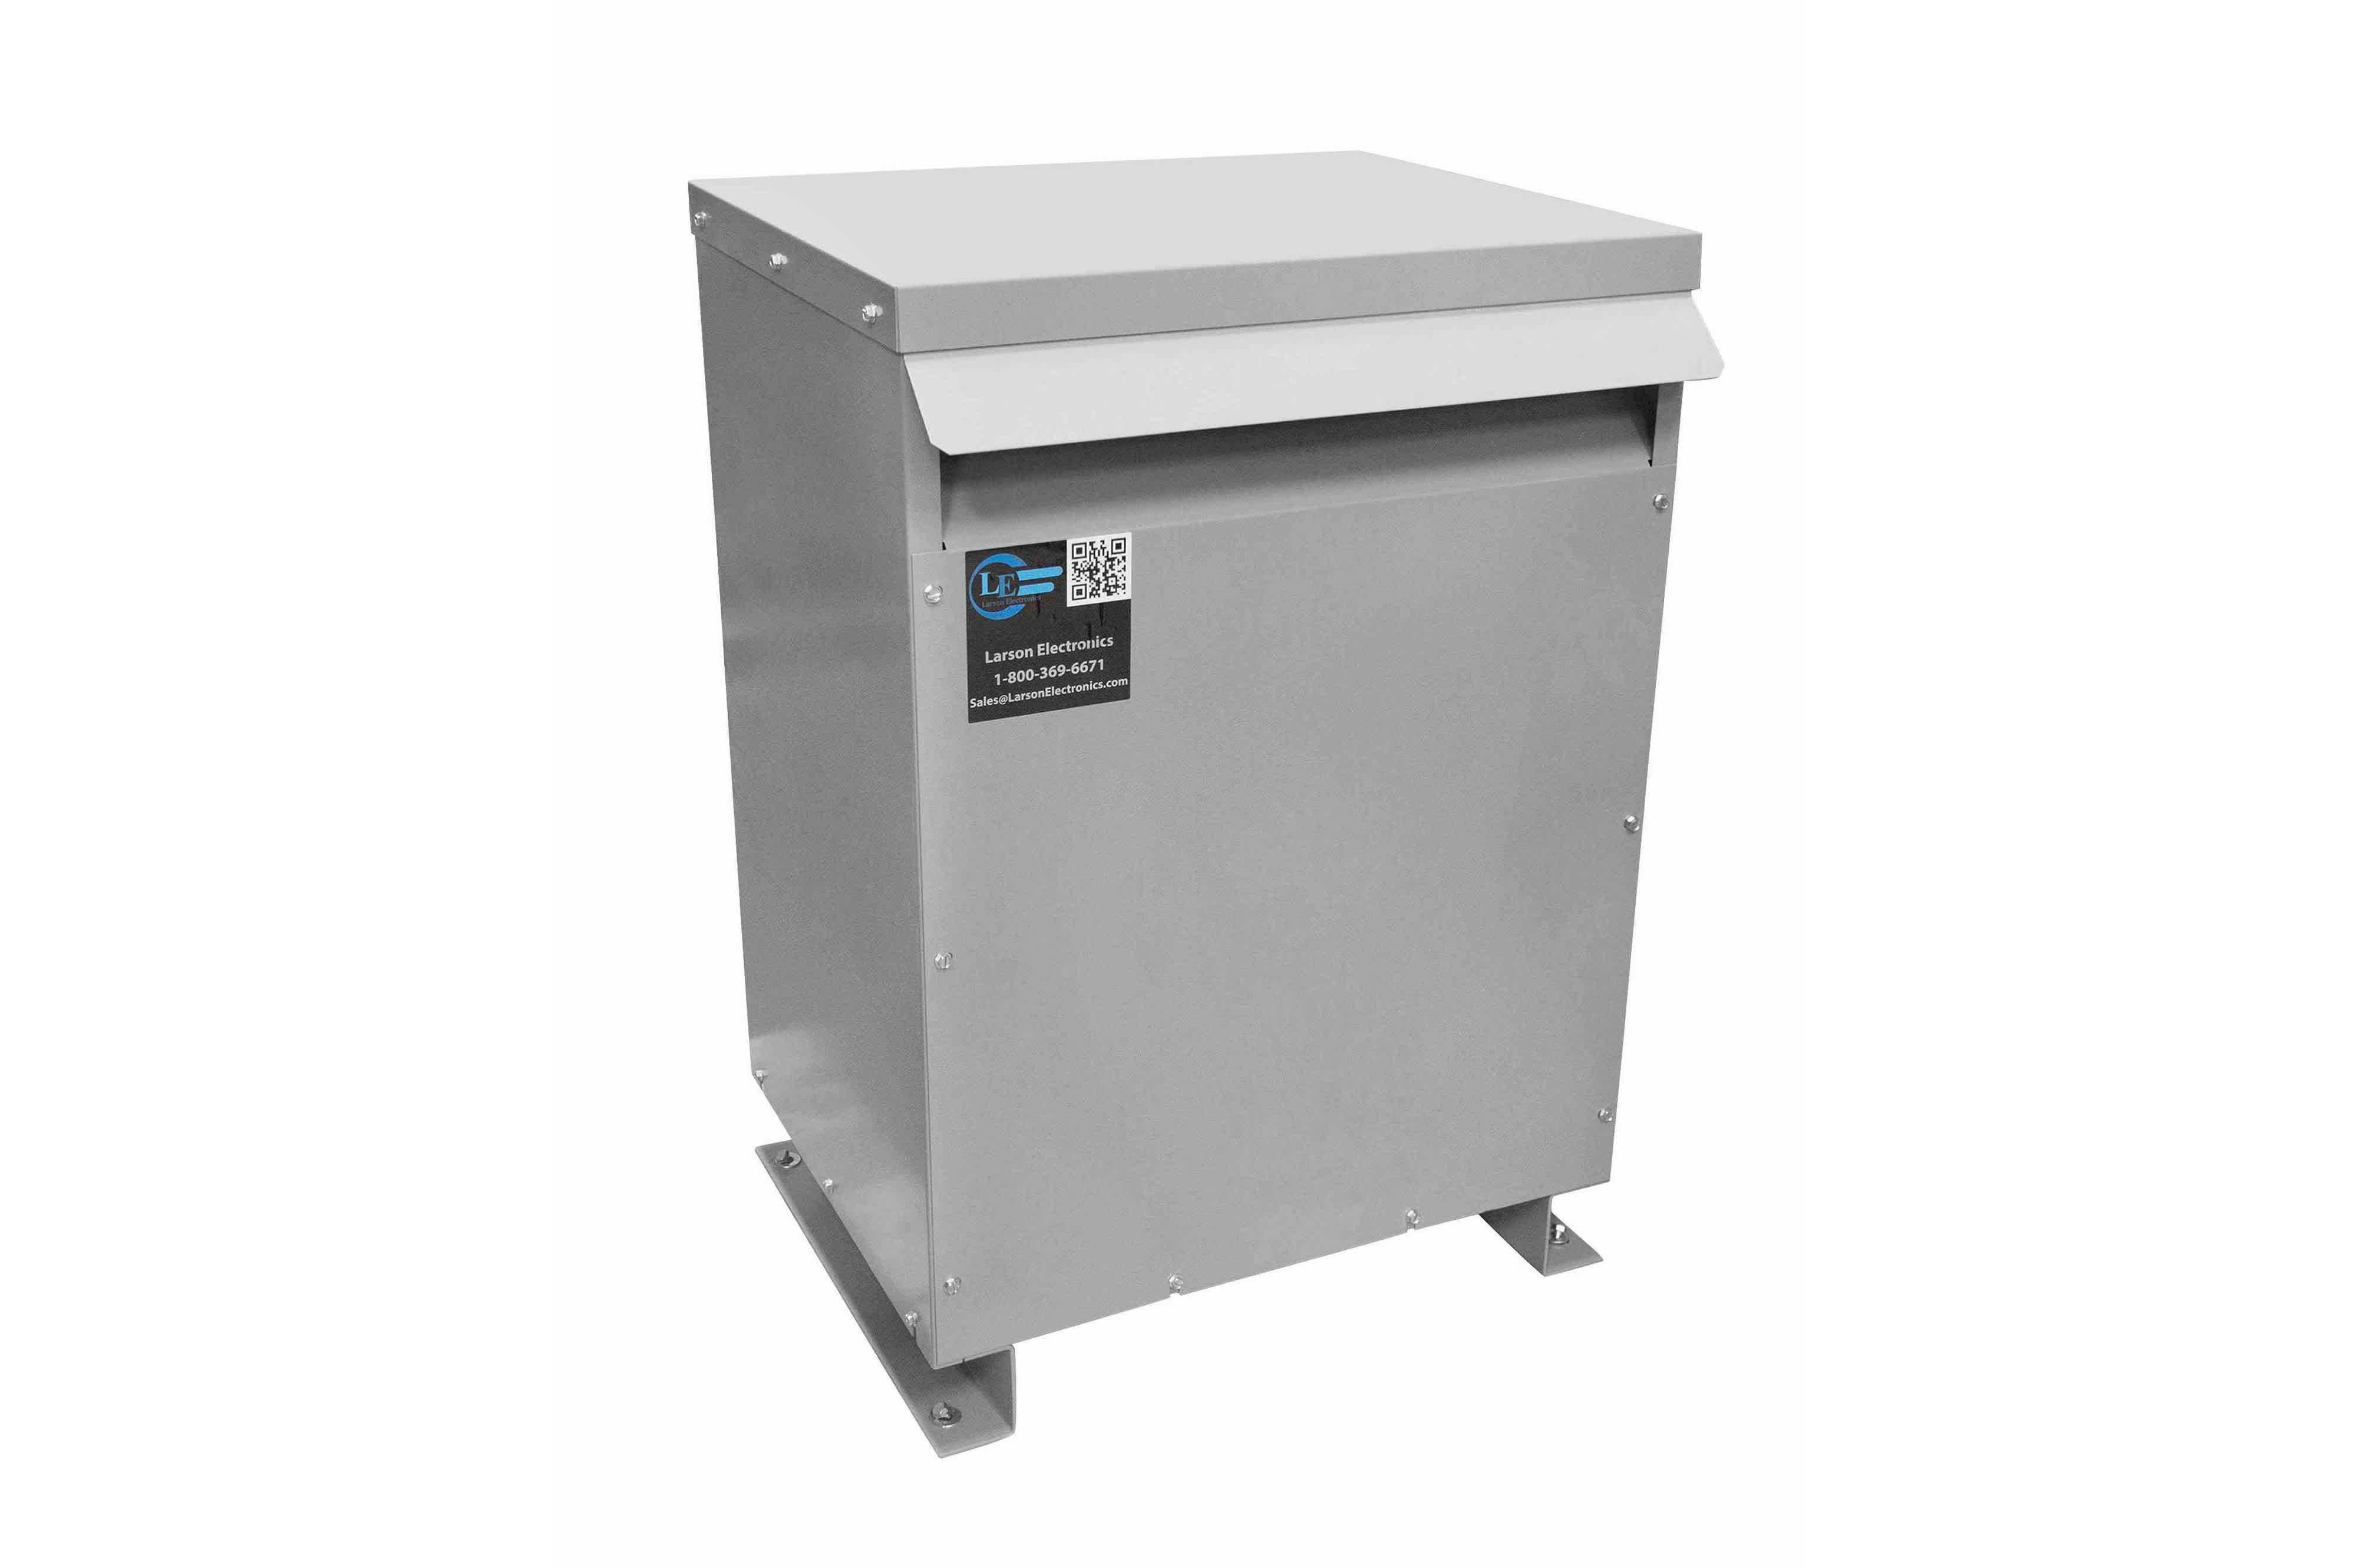 75 kVA 3PH Isolation Transformer, 460V Delta Primary, 400V Delta Secondary, N3R, Ventilated, 60 Hz